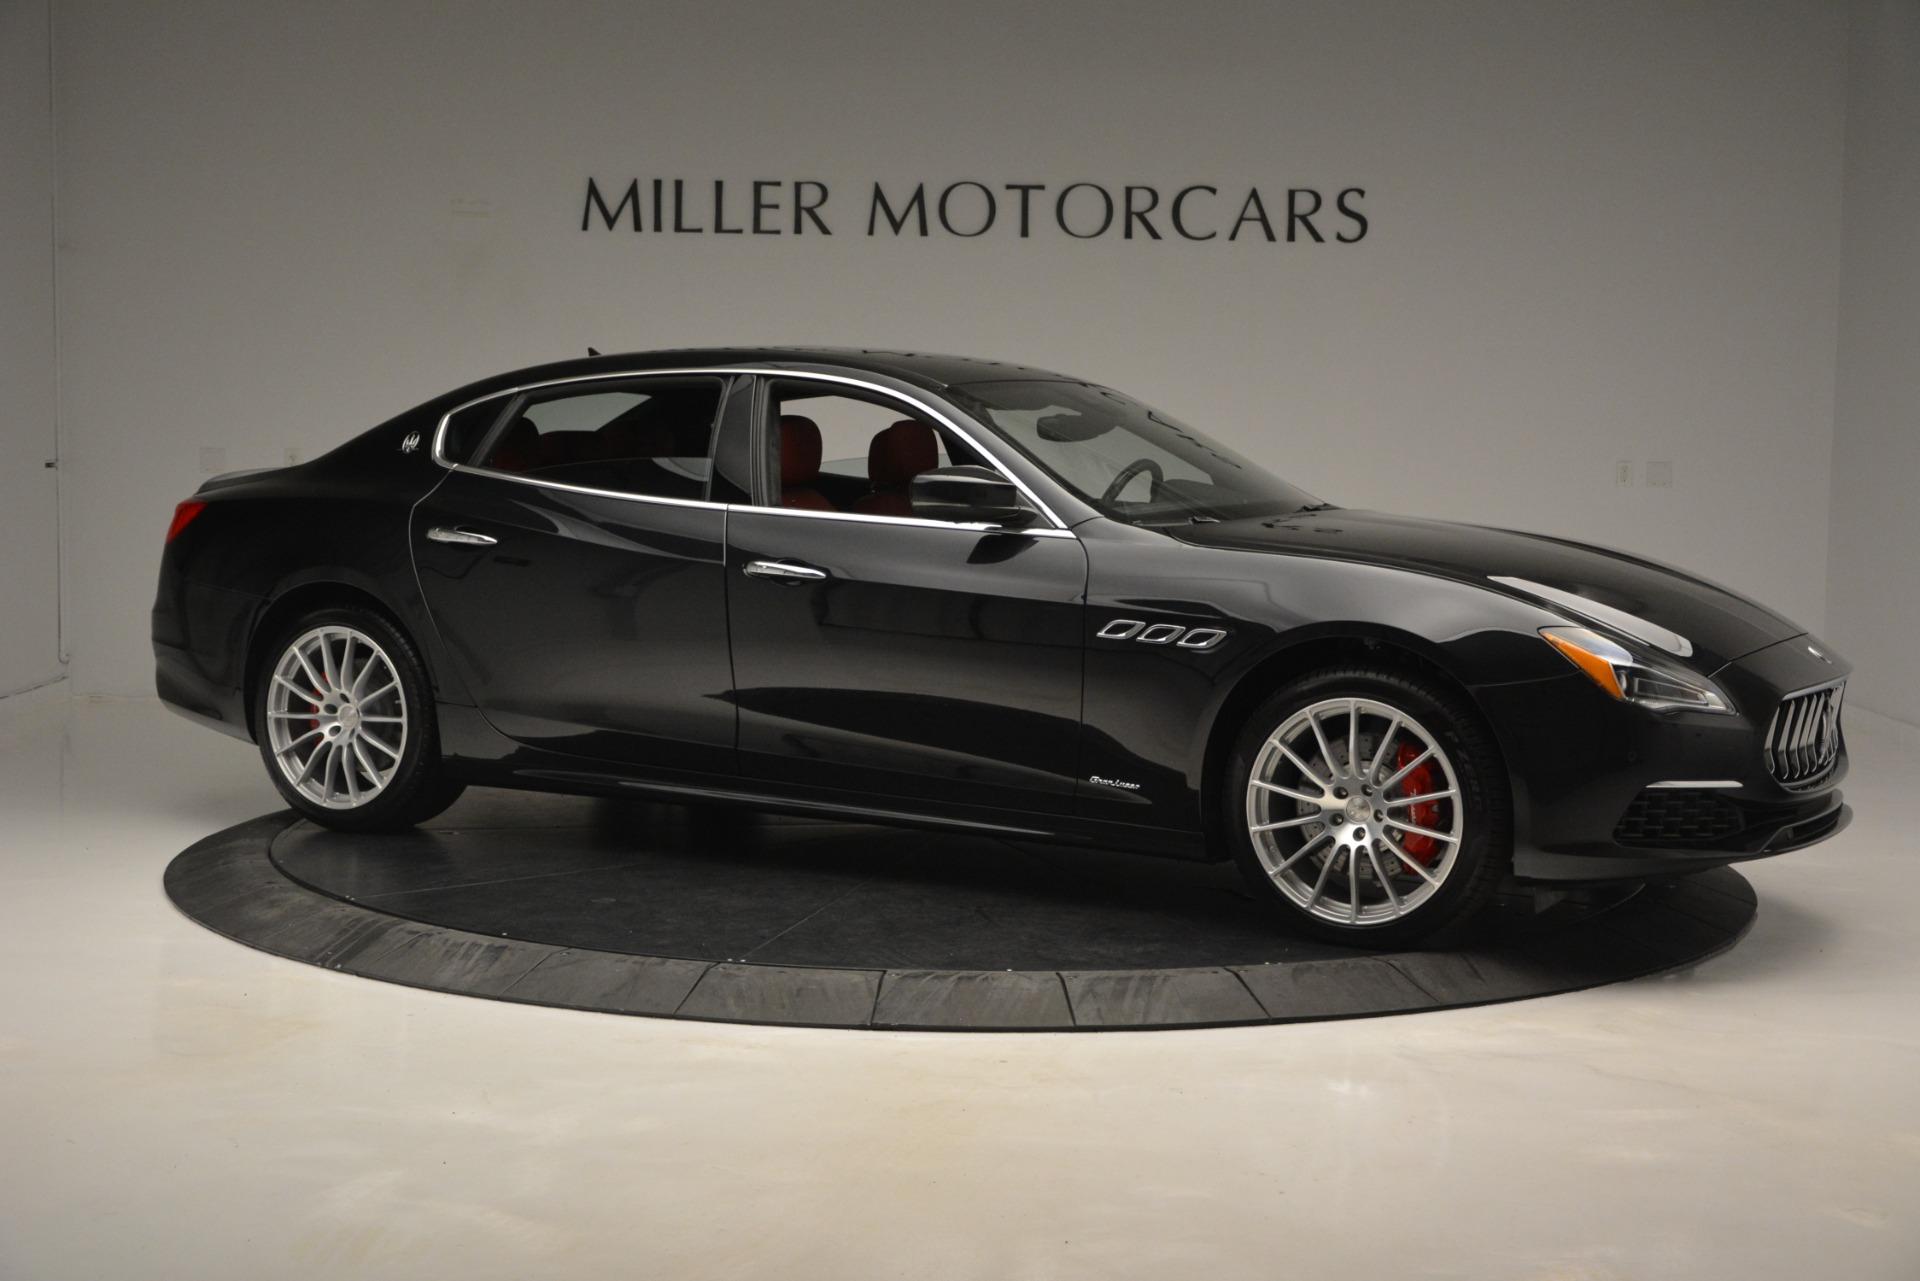 New 2019 Maserati Quattroporte S Q4 GranLusso For Sale 127745 In Greenwich, CT